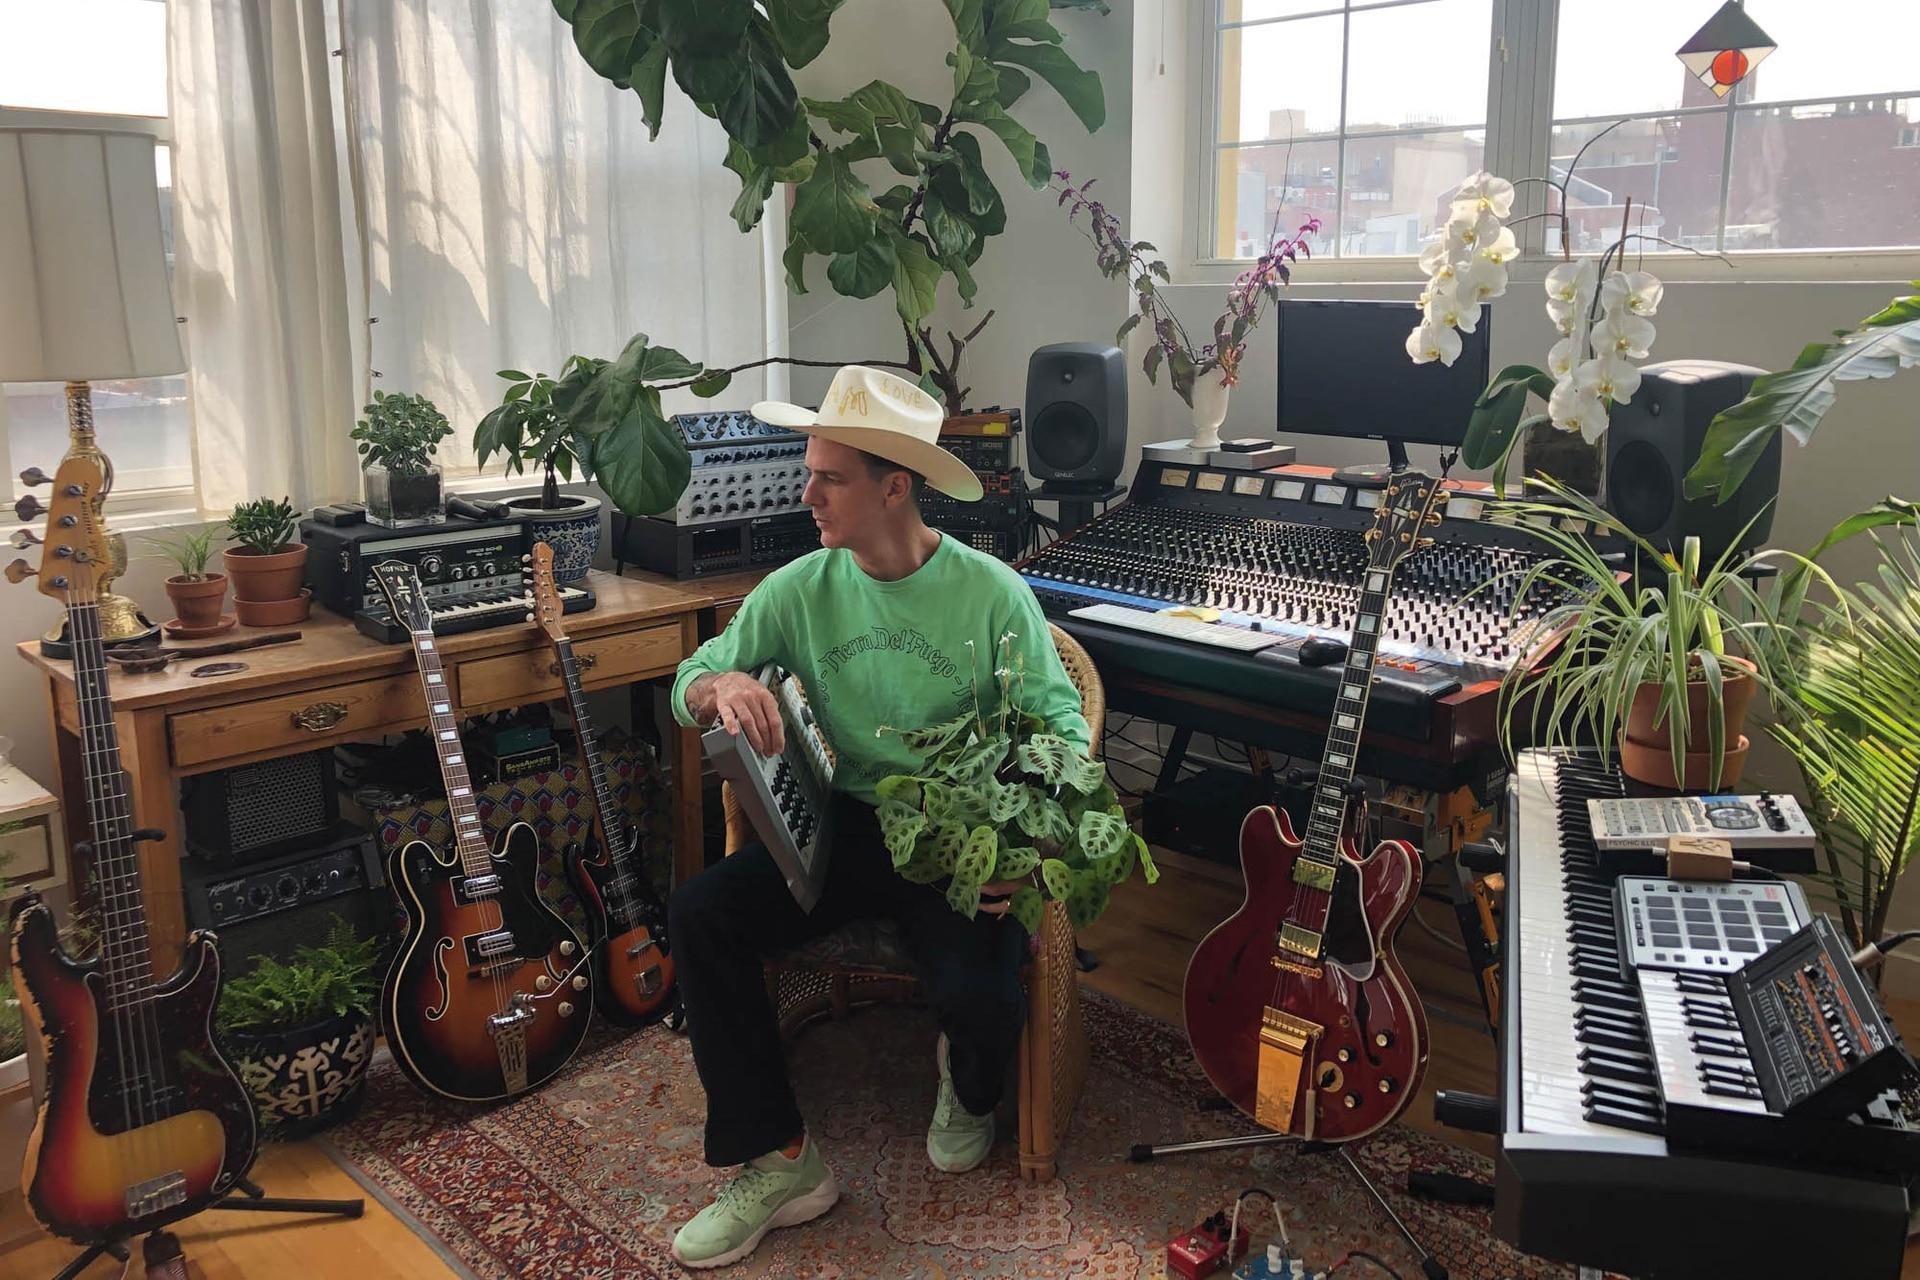 Con una trayectoria artística de más de 15 años como productor de bandas, Iván Díaz Mathé comenzó a experimentar con las plantas y se encontró con un mundo sensorial impensado.